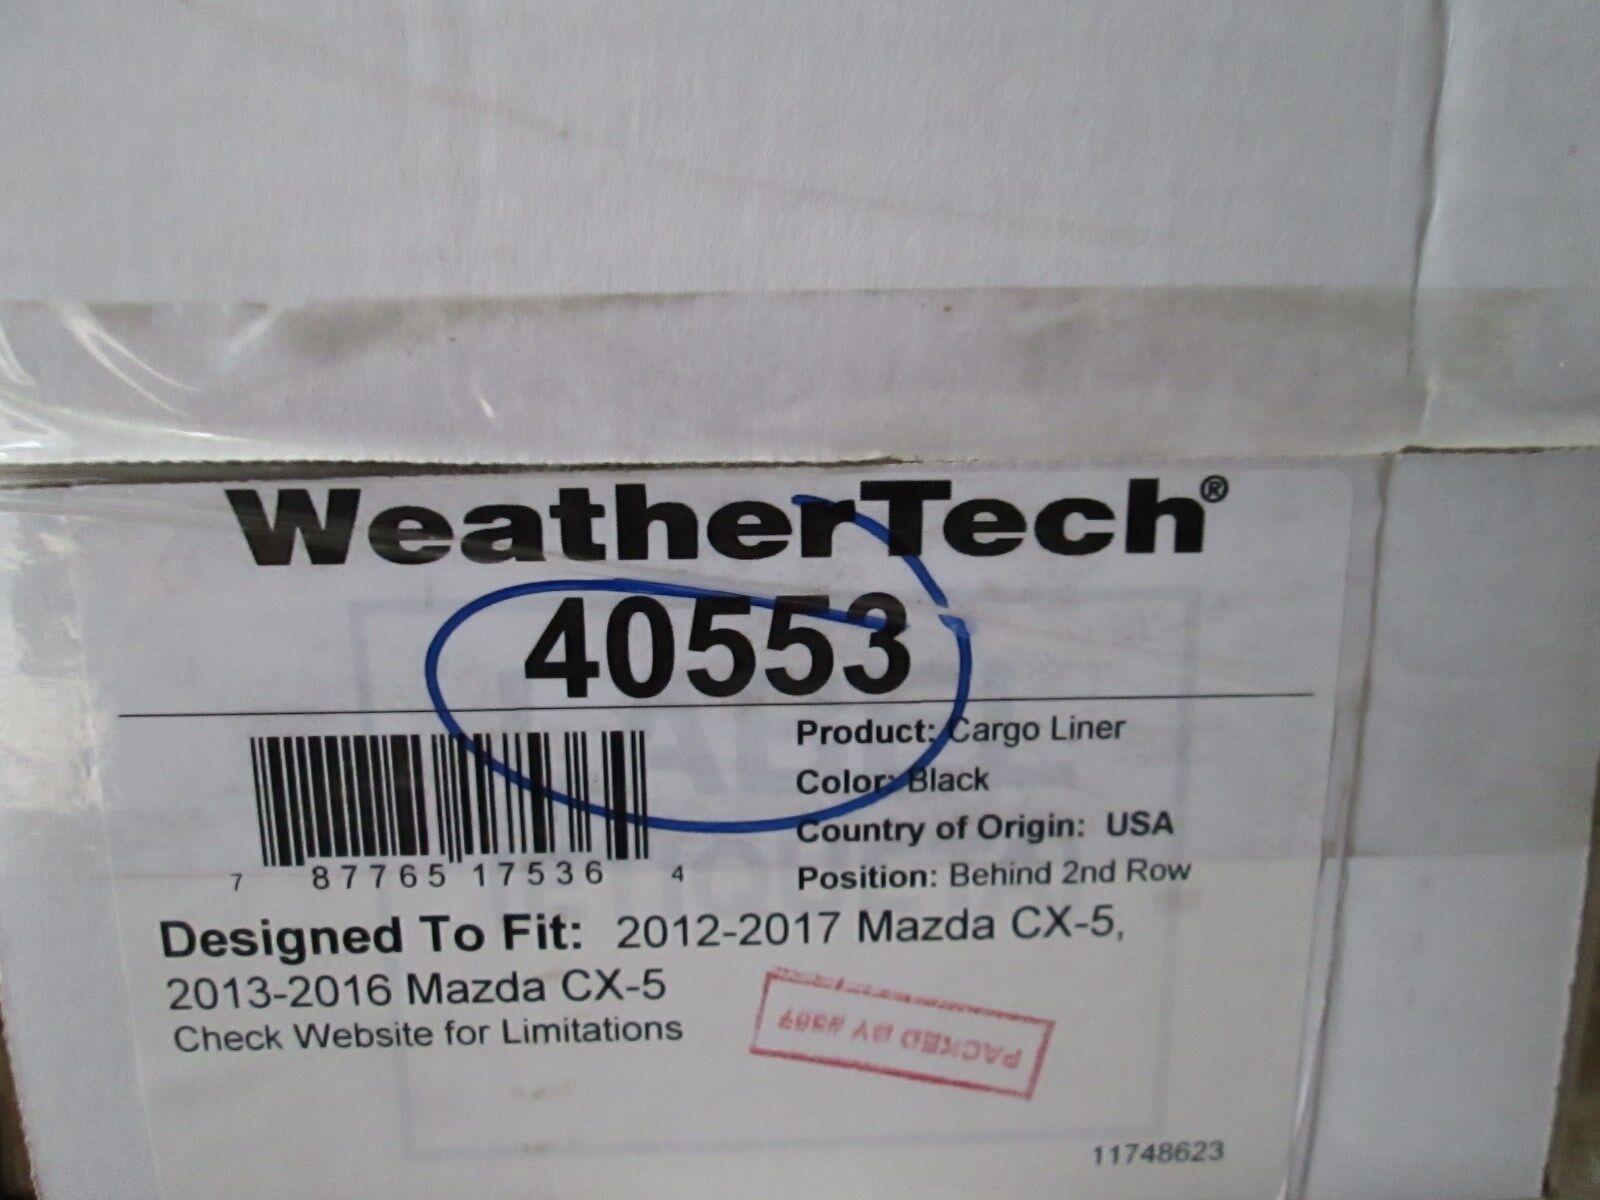 Weathertech 40553 Cargo Liner